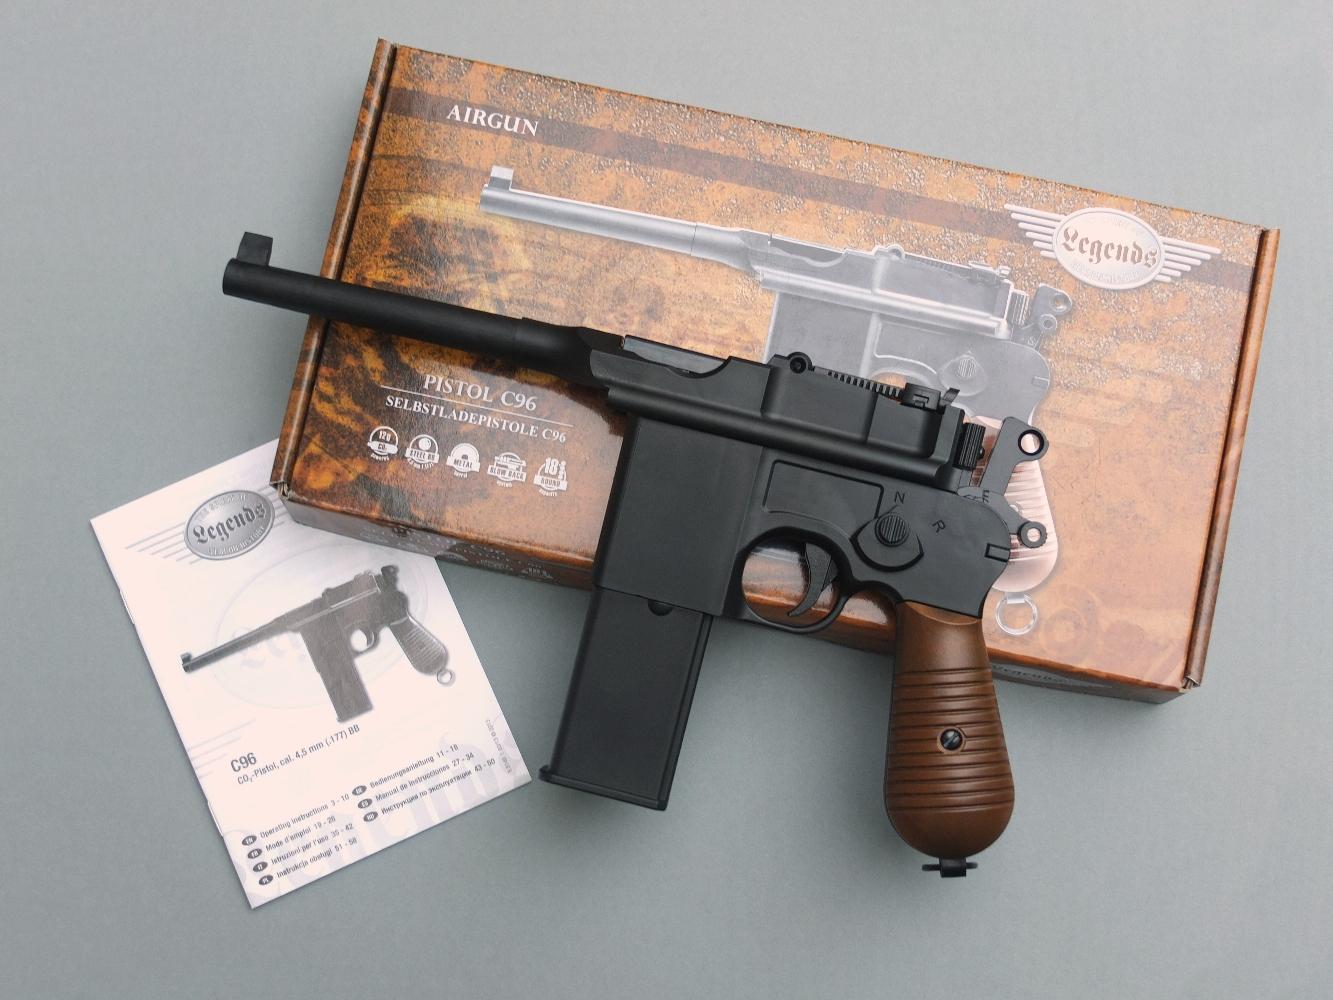 Ce pistolet à CO2, qui reprend avec beaucoup de rigueur l'aspect et les dimensions du Mauser C96, est en majeure partie construit en polymère, ce qui nuit à son réalisme, tant au niveau de son aspect noir un peu trop uniforme que de son poids nettement inférieur à celui du modèle original.